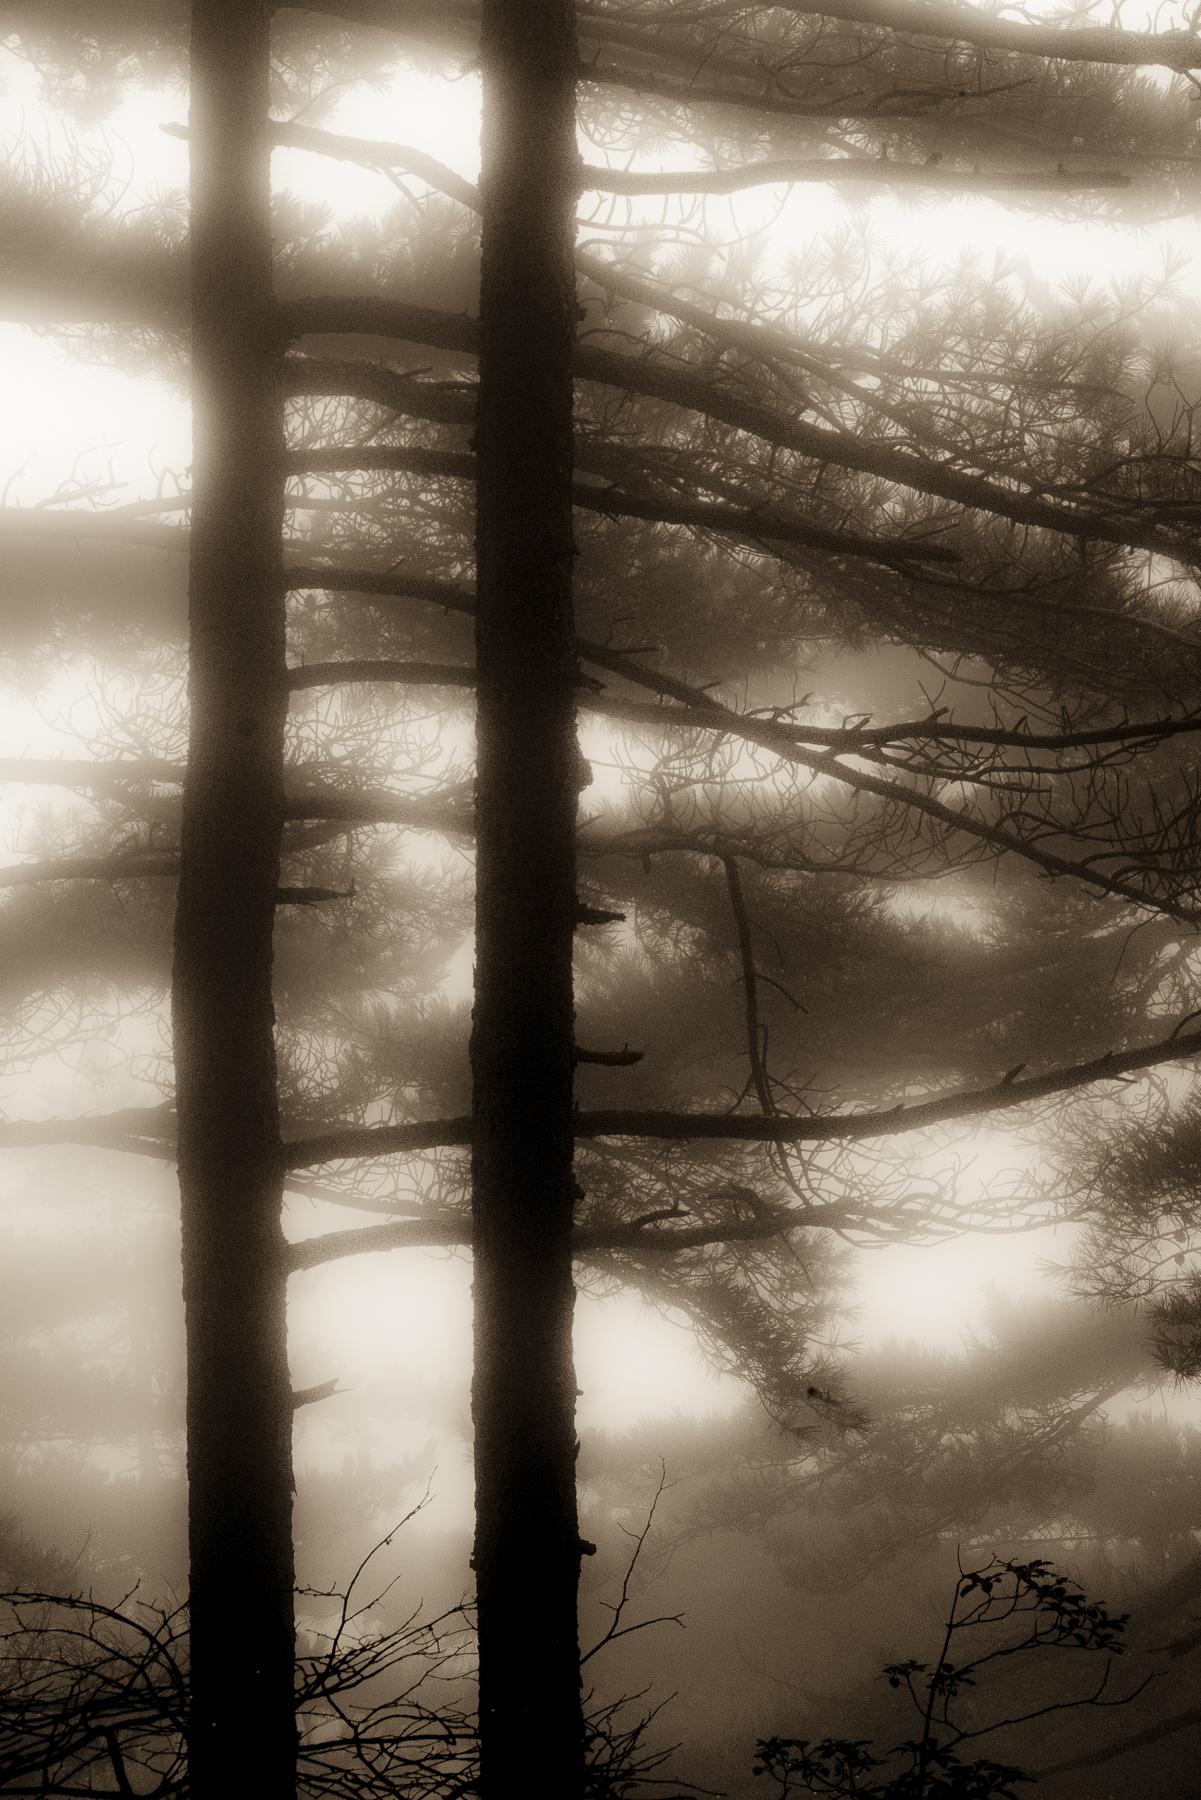 Carol_Horigan_Forest Shrouded in Mist-3V.jpg